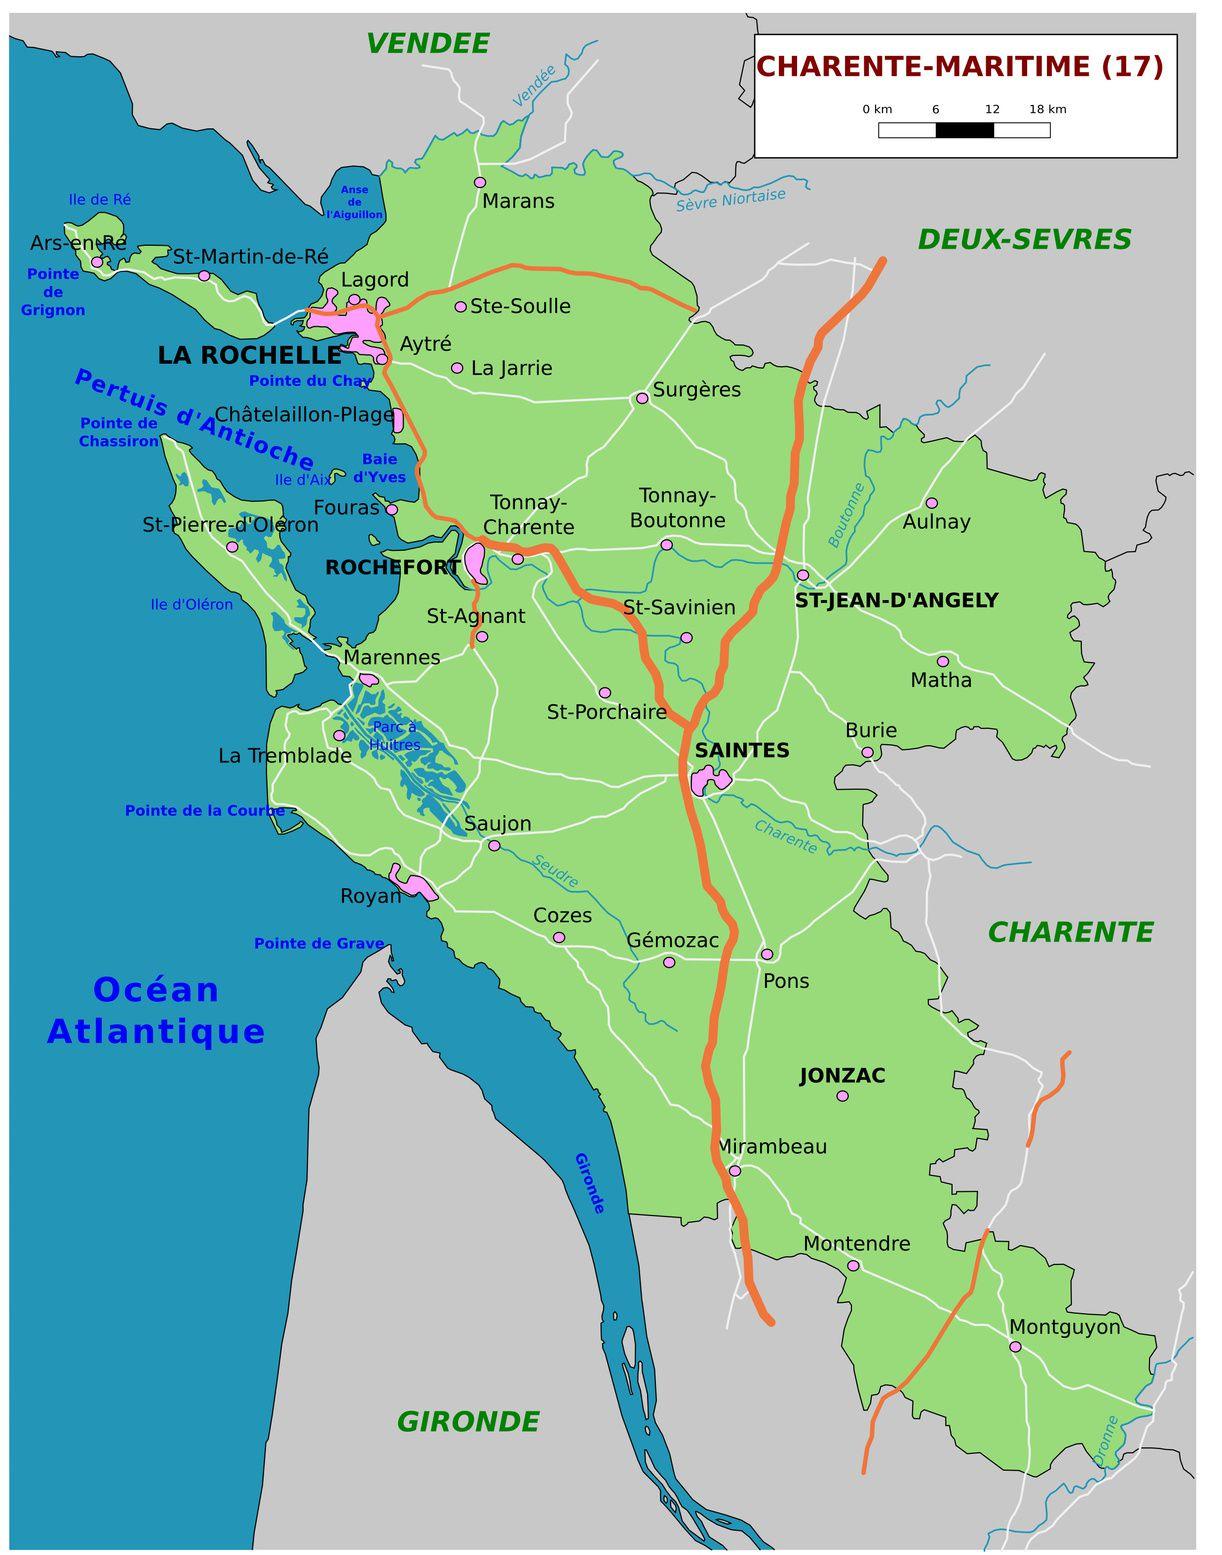 Carte De La Charente-Maritime - Charente-Maritime Carte Des concernant Carte Region Departement